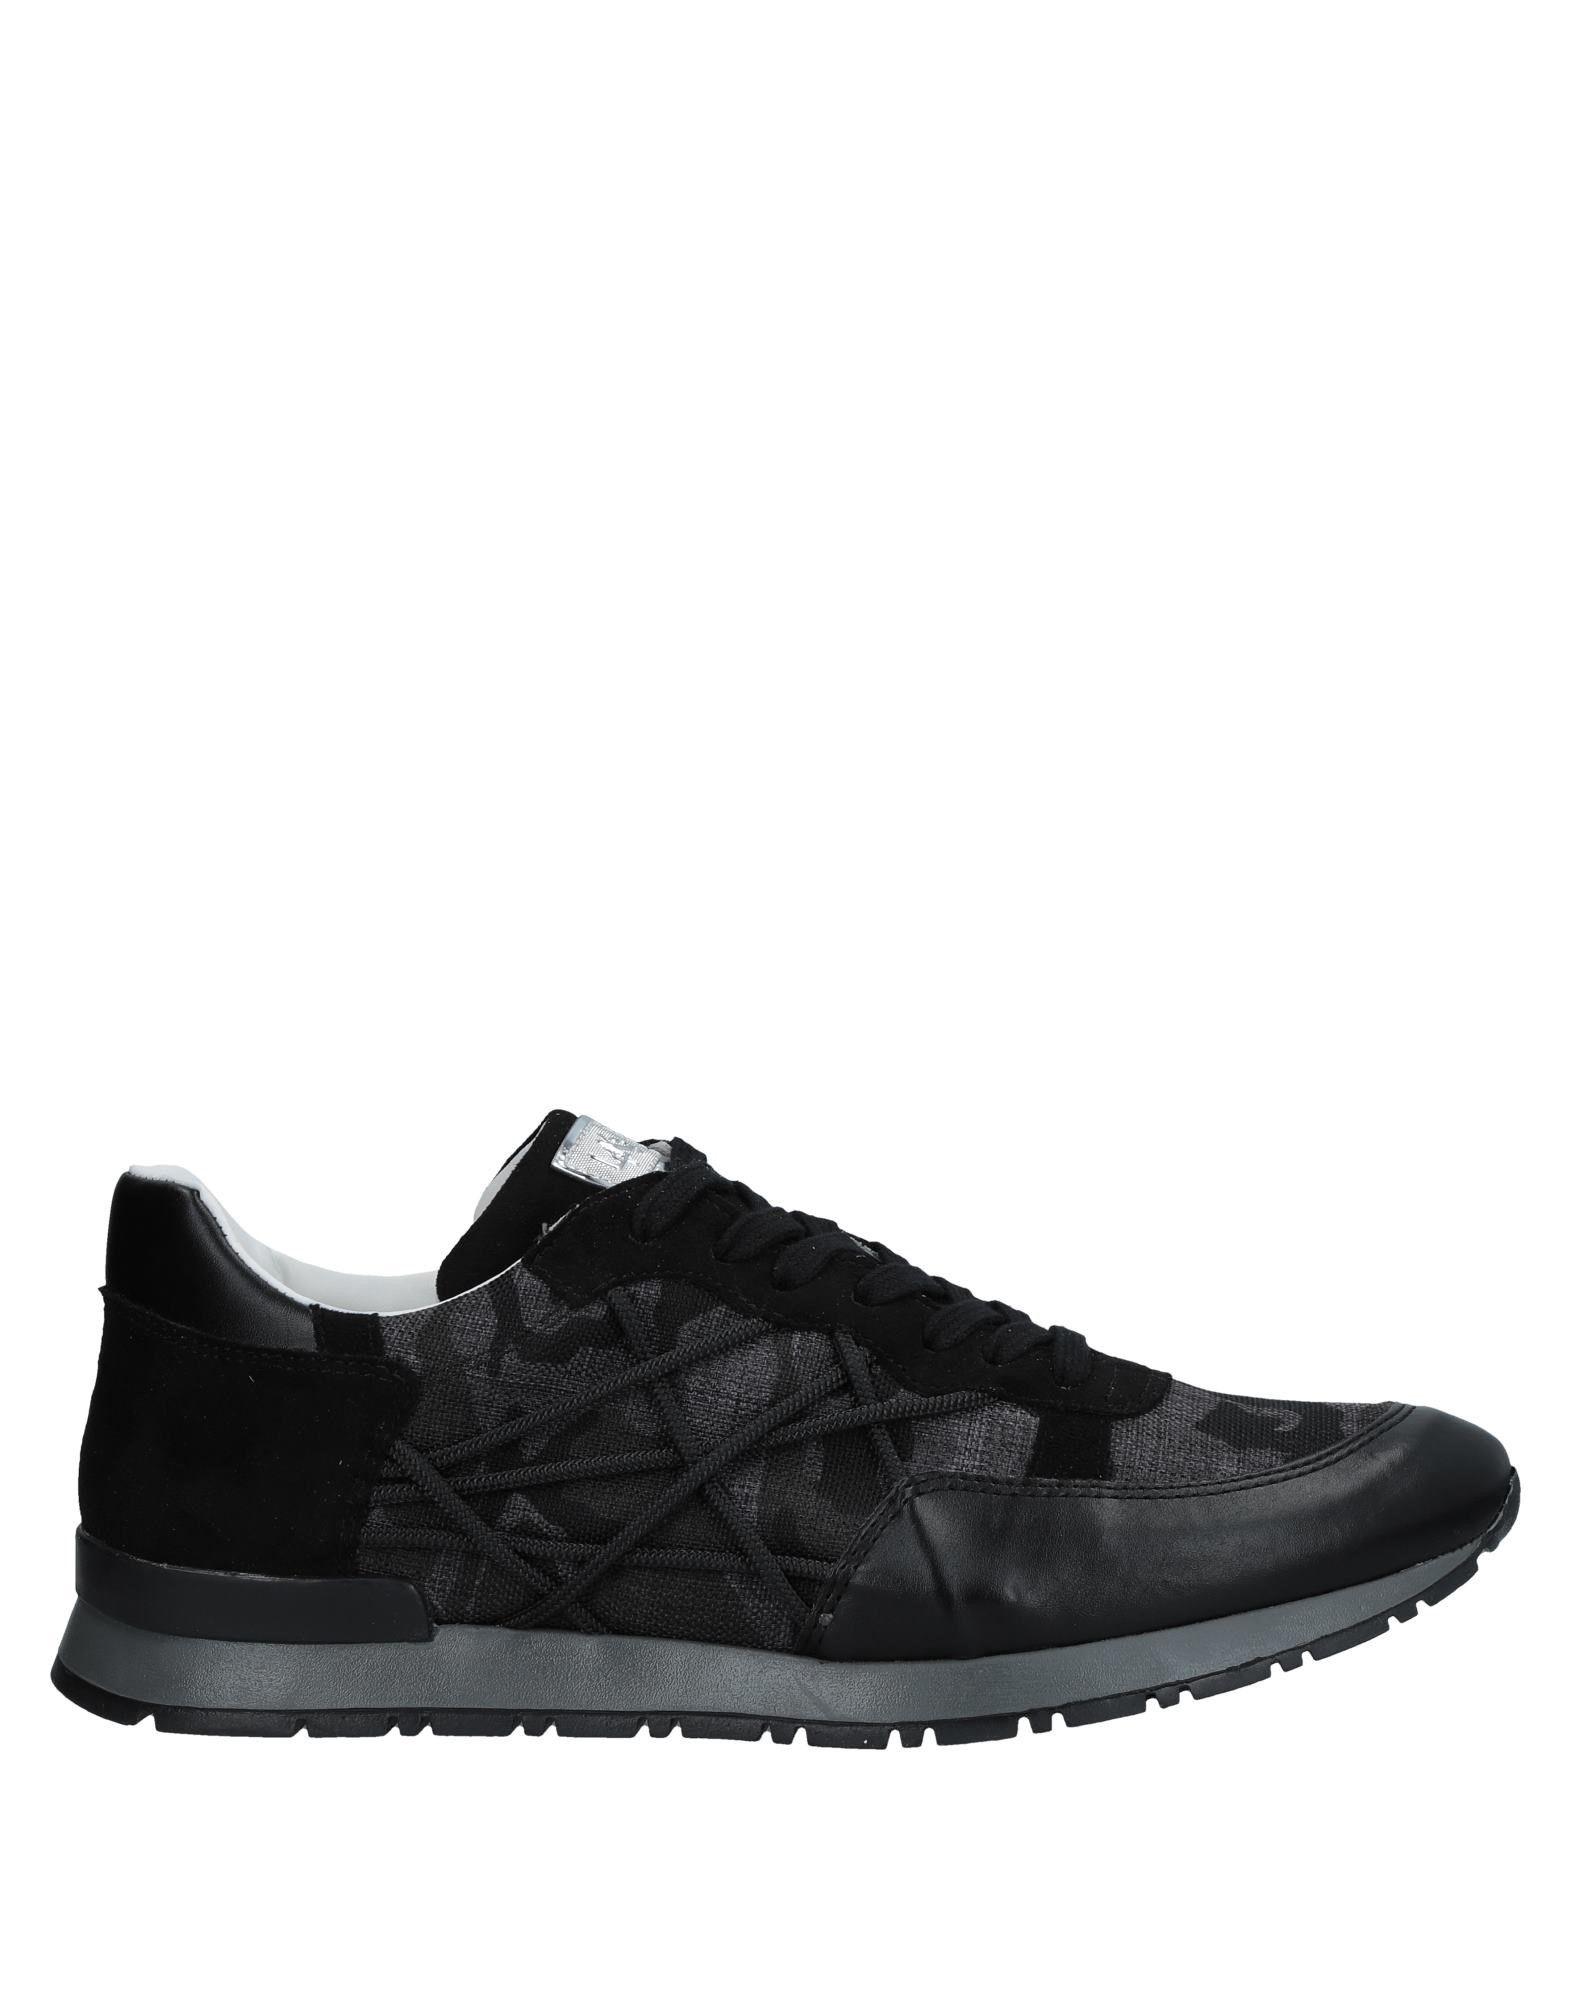 《送料無料》L4K3 メンズ スニーカー&テニスシューズ(ローカット) ブラック 39 ゴム 紡績繊維